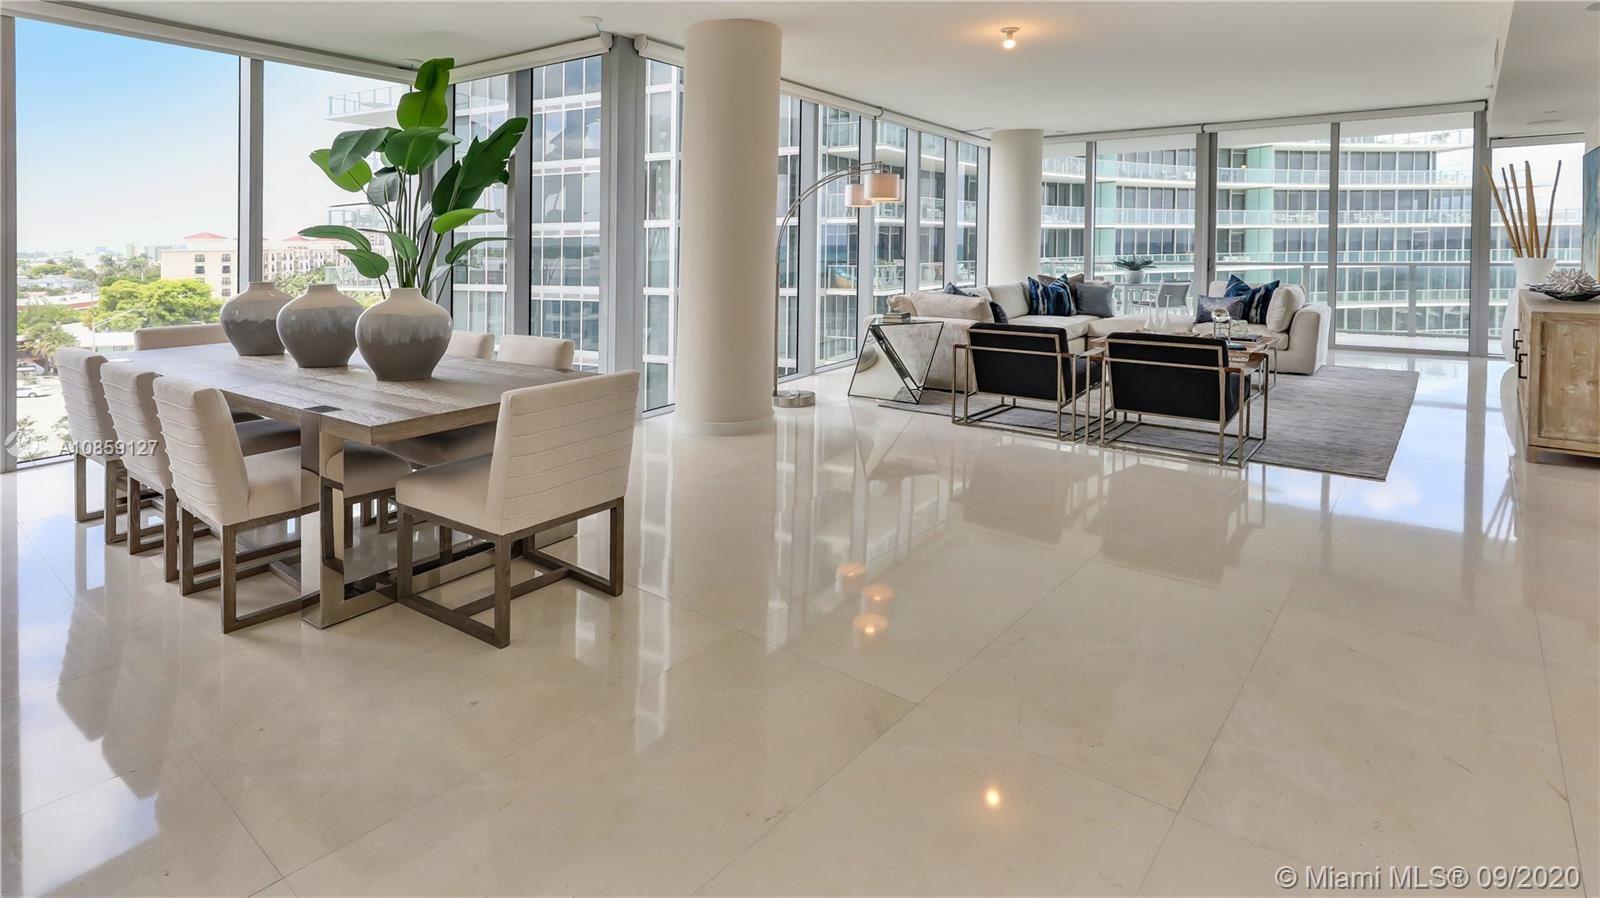 Photo of 2200 N Ocean Blvd #S506, Fort Lauderdale, FL 33305 (MLS # A10859127)